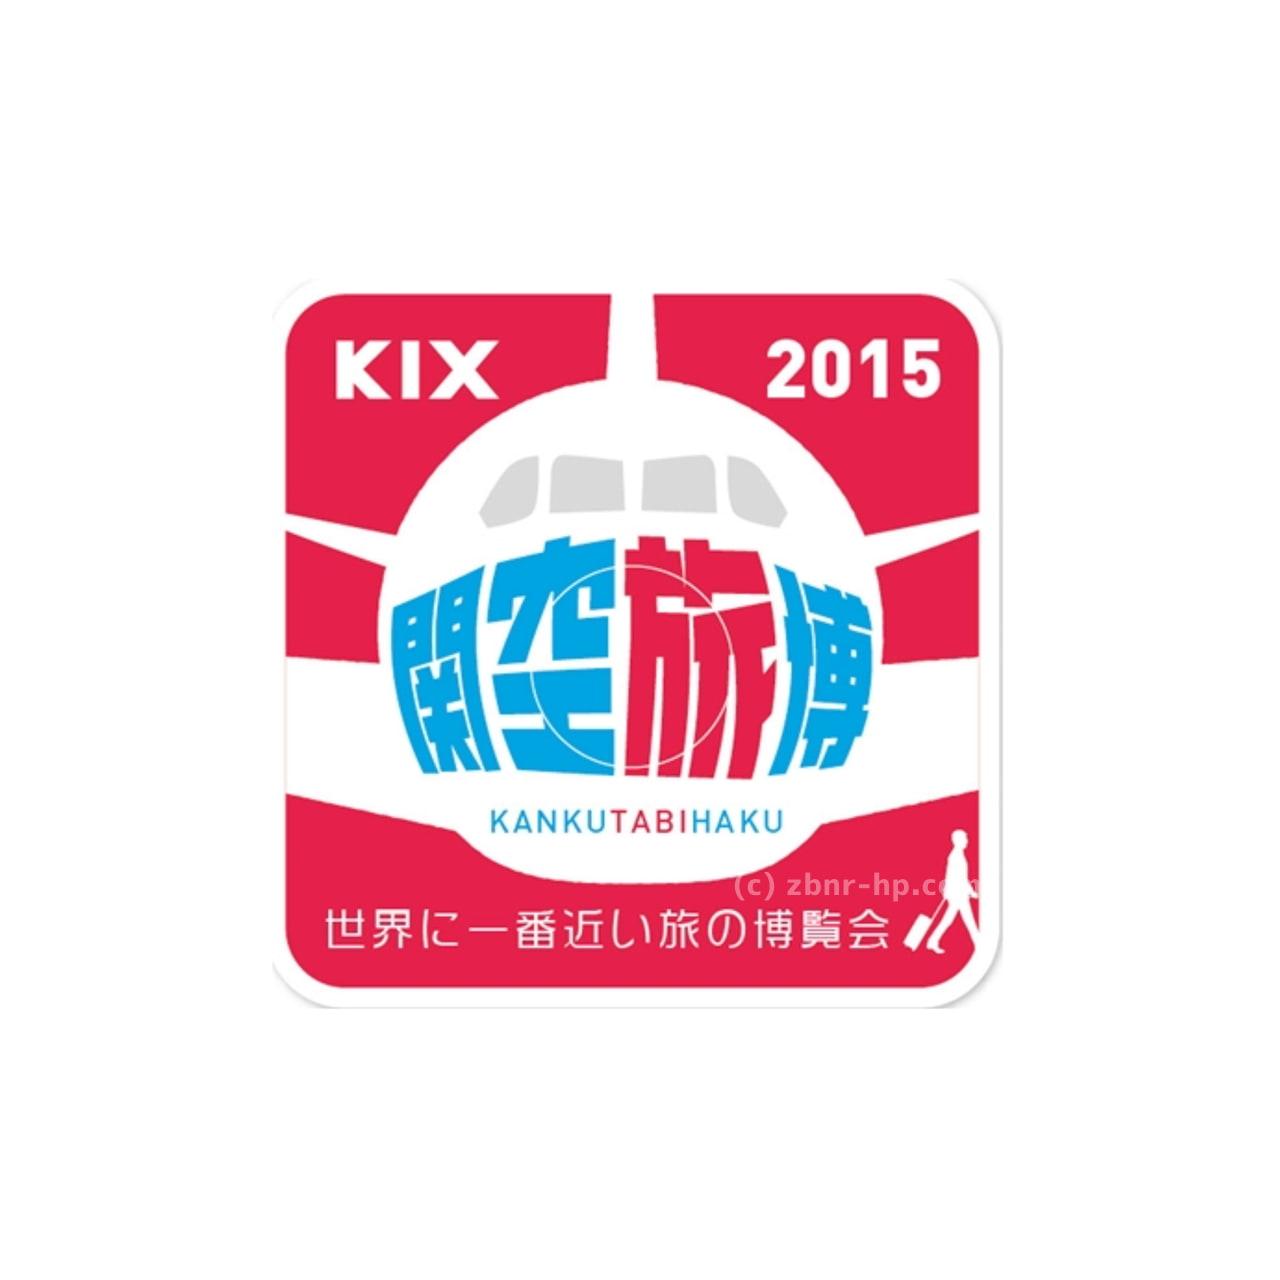 関空旅博2015KIXチャリティージャンク市に行ってきました